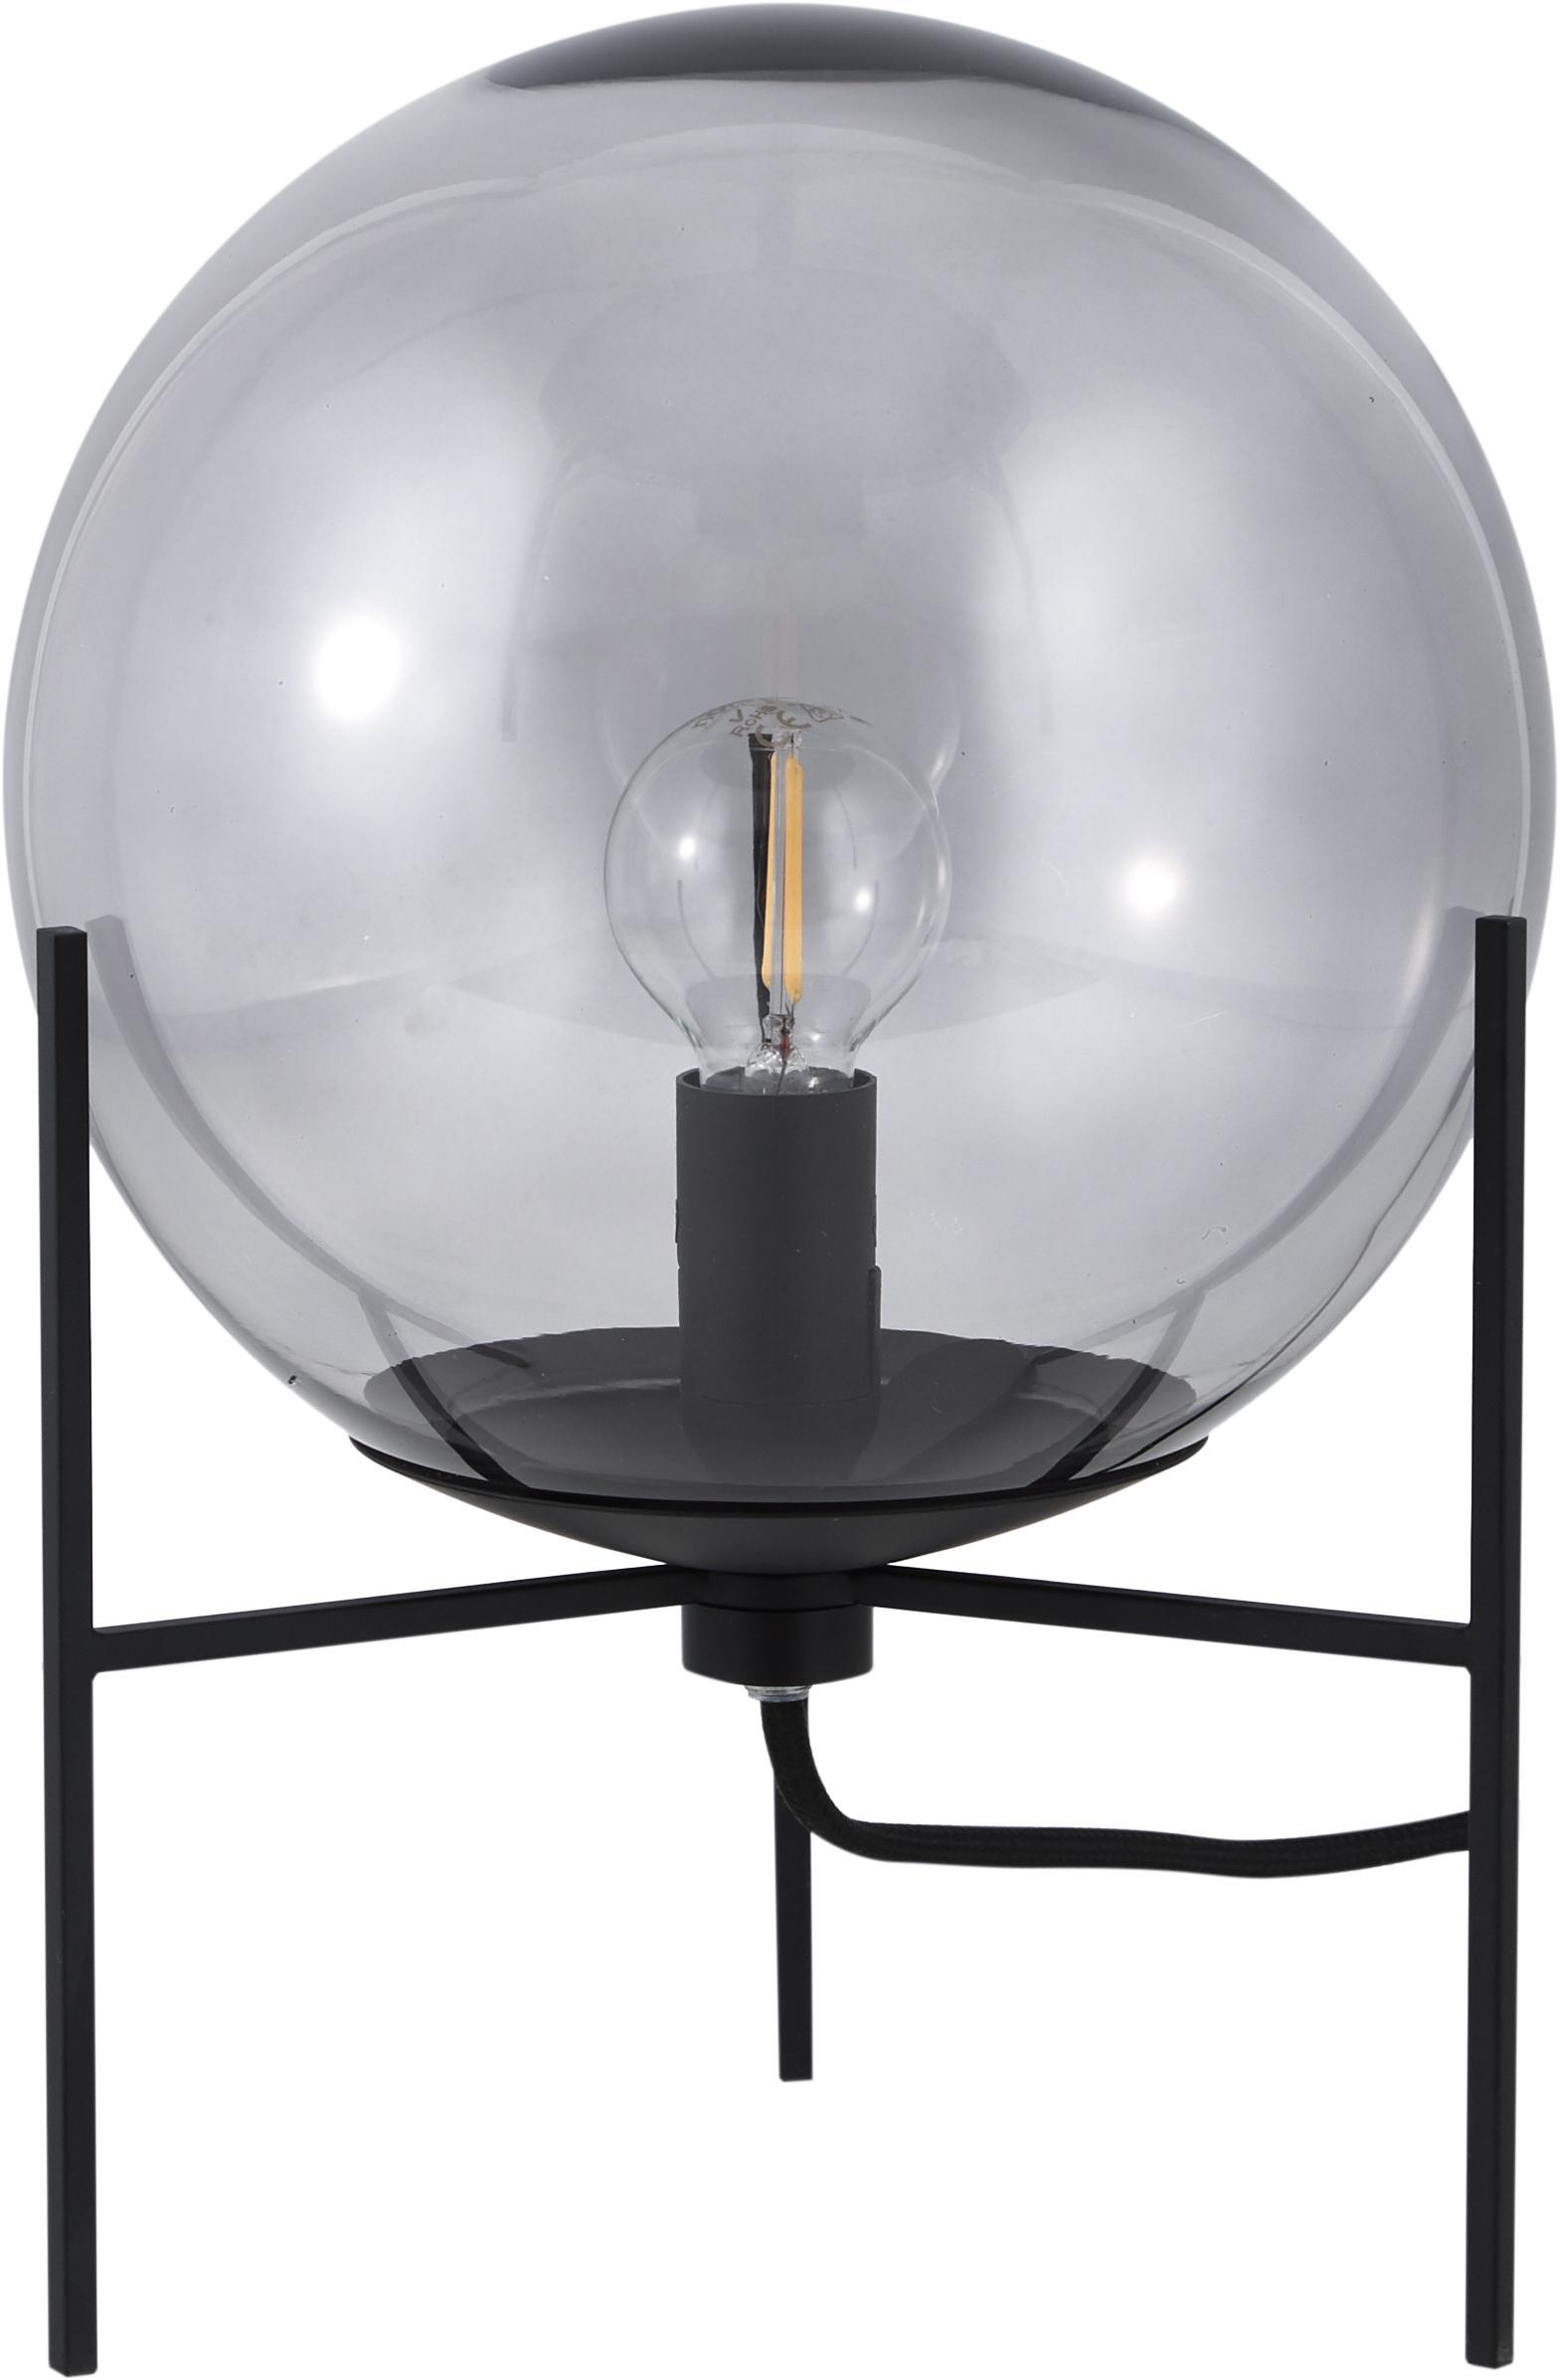 Lampa stołowa Alton, Stelaż: metal powlekany, Czarny, szary, transparentny, Ø 20 x W 29 cm